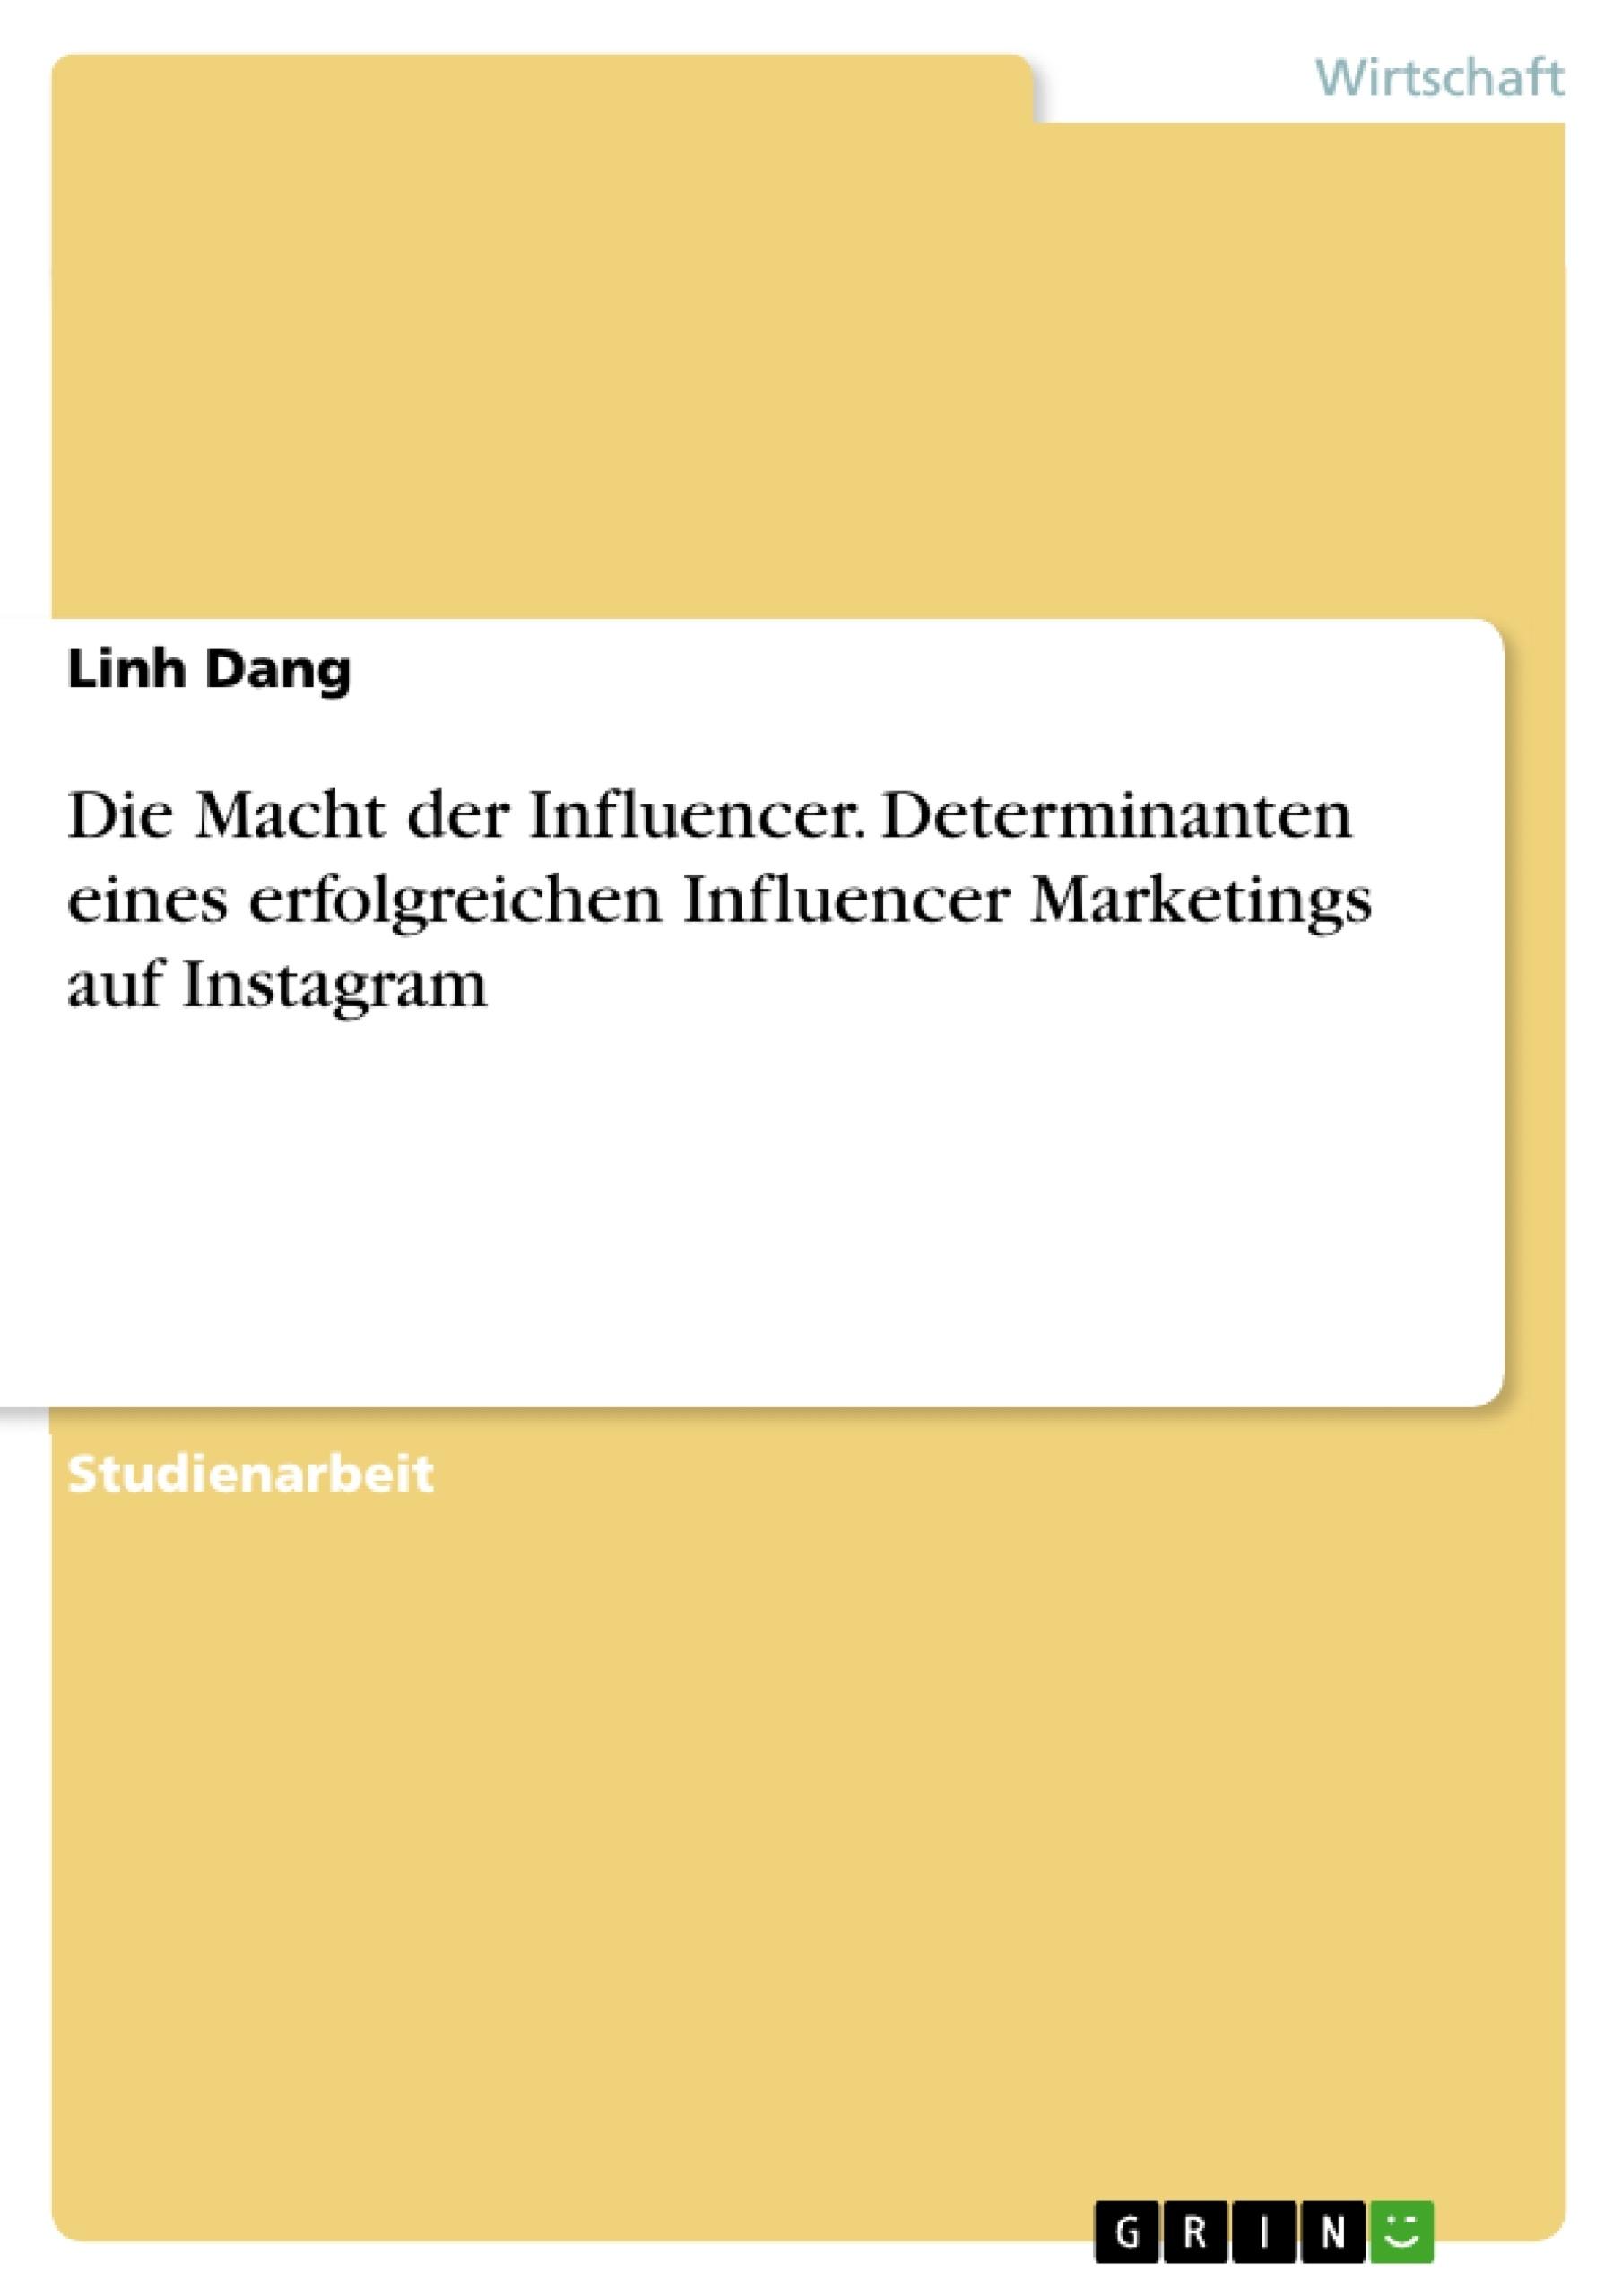 Titel: Die Macht der Influencer. Determinanten eines erfolgreichen Influencer Marketings auf Instagram